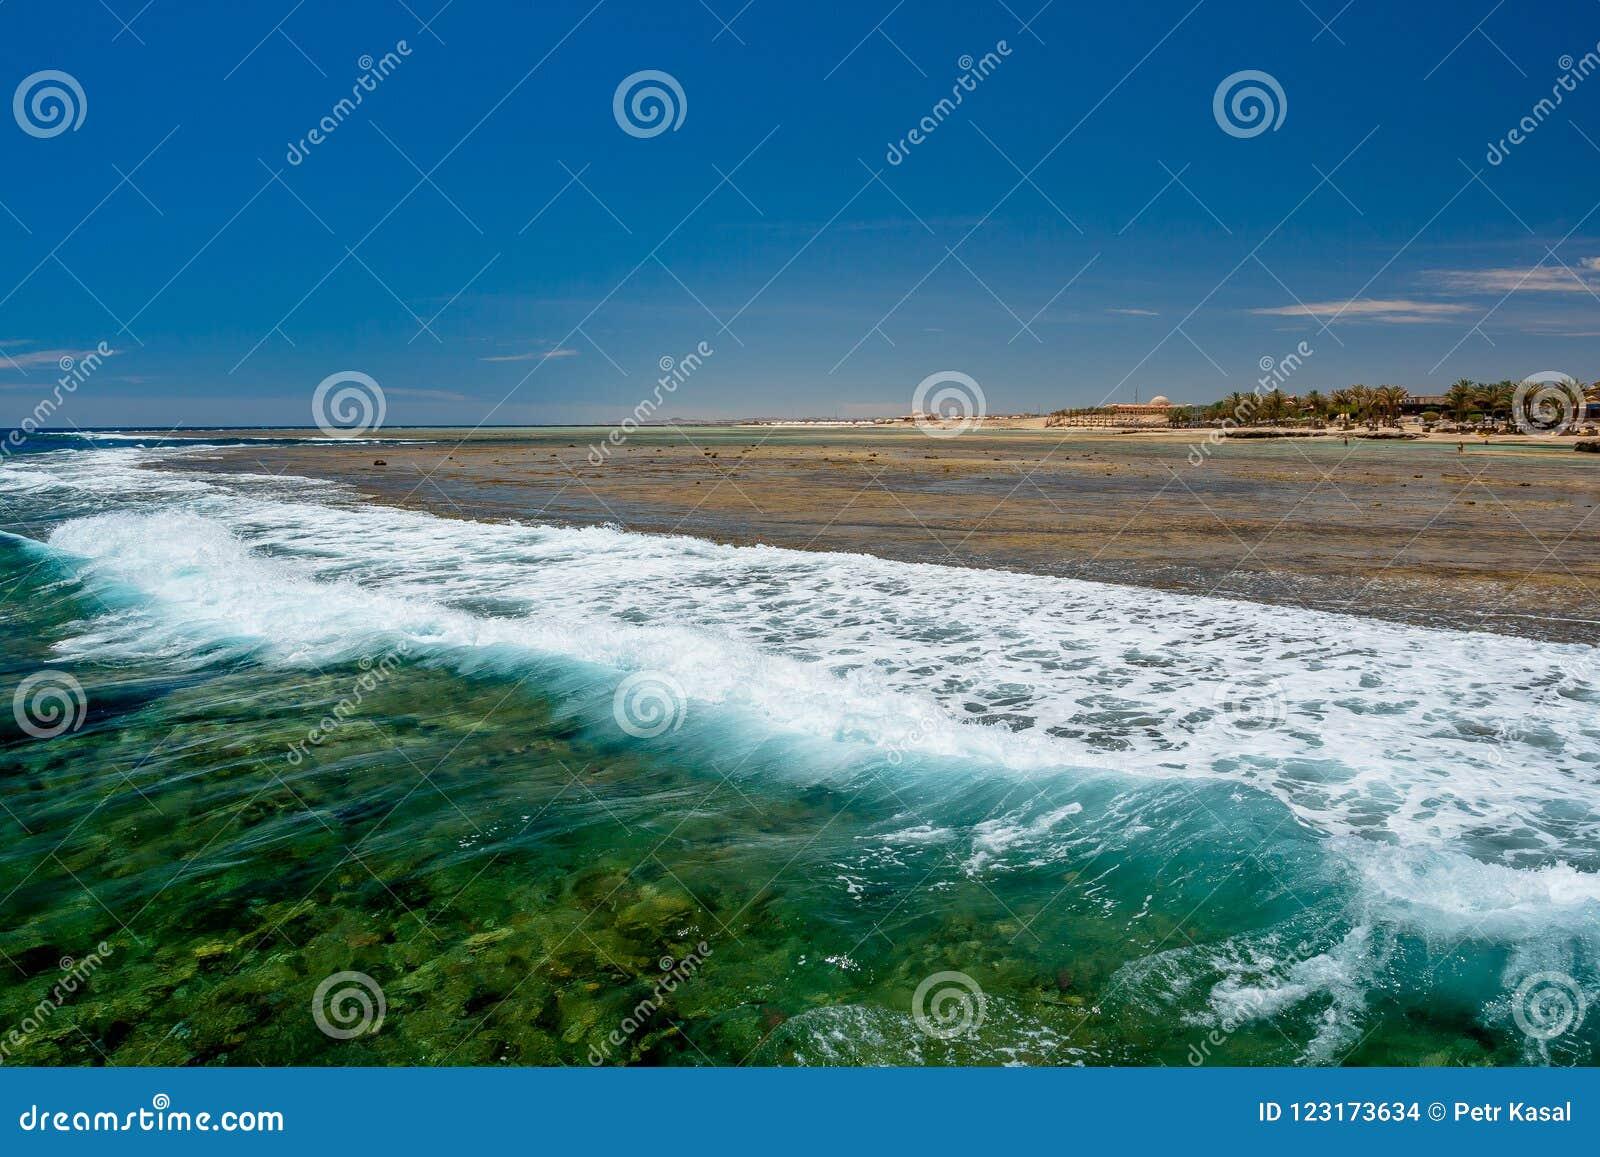 Vista di verde blu selvaggio e di Wave schiumoso al pilastro a Calimera Habiba Beach Resort